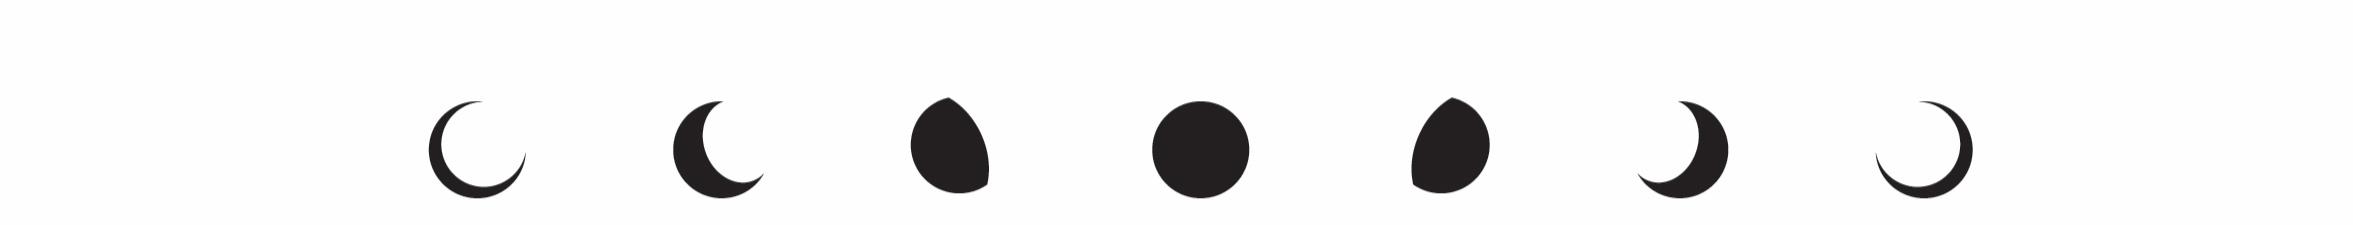 Logo+Iterations-03.jpg